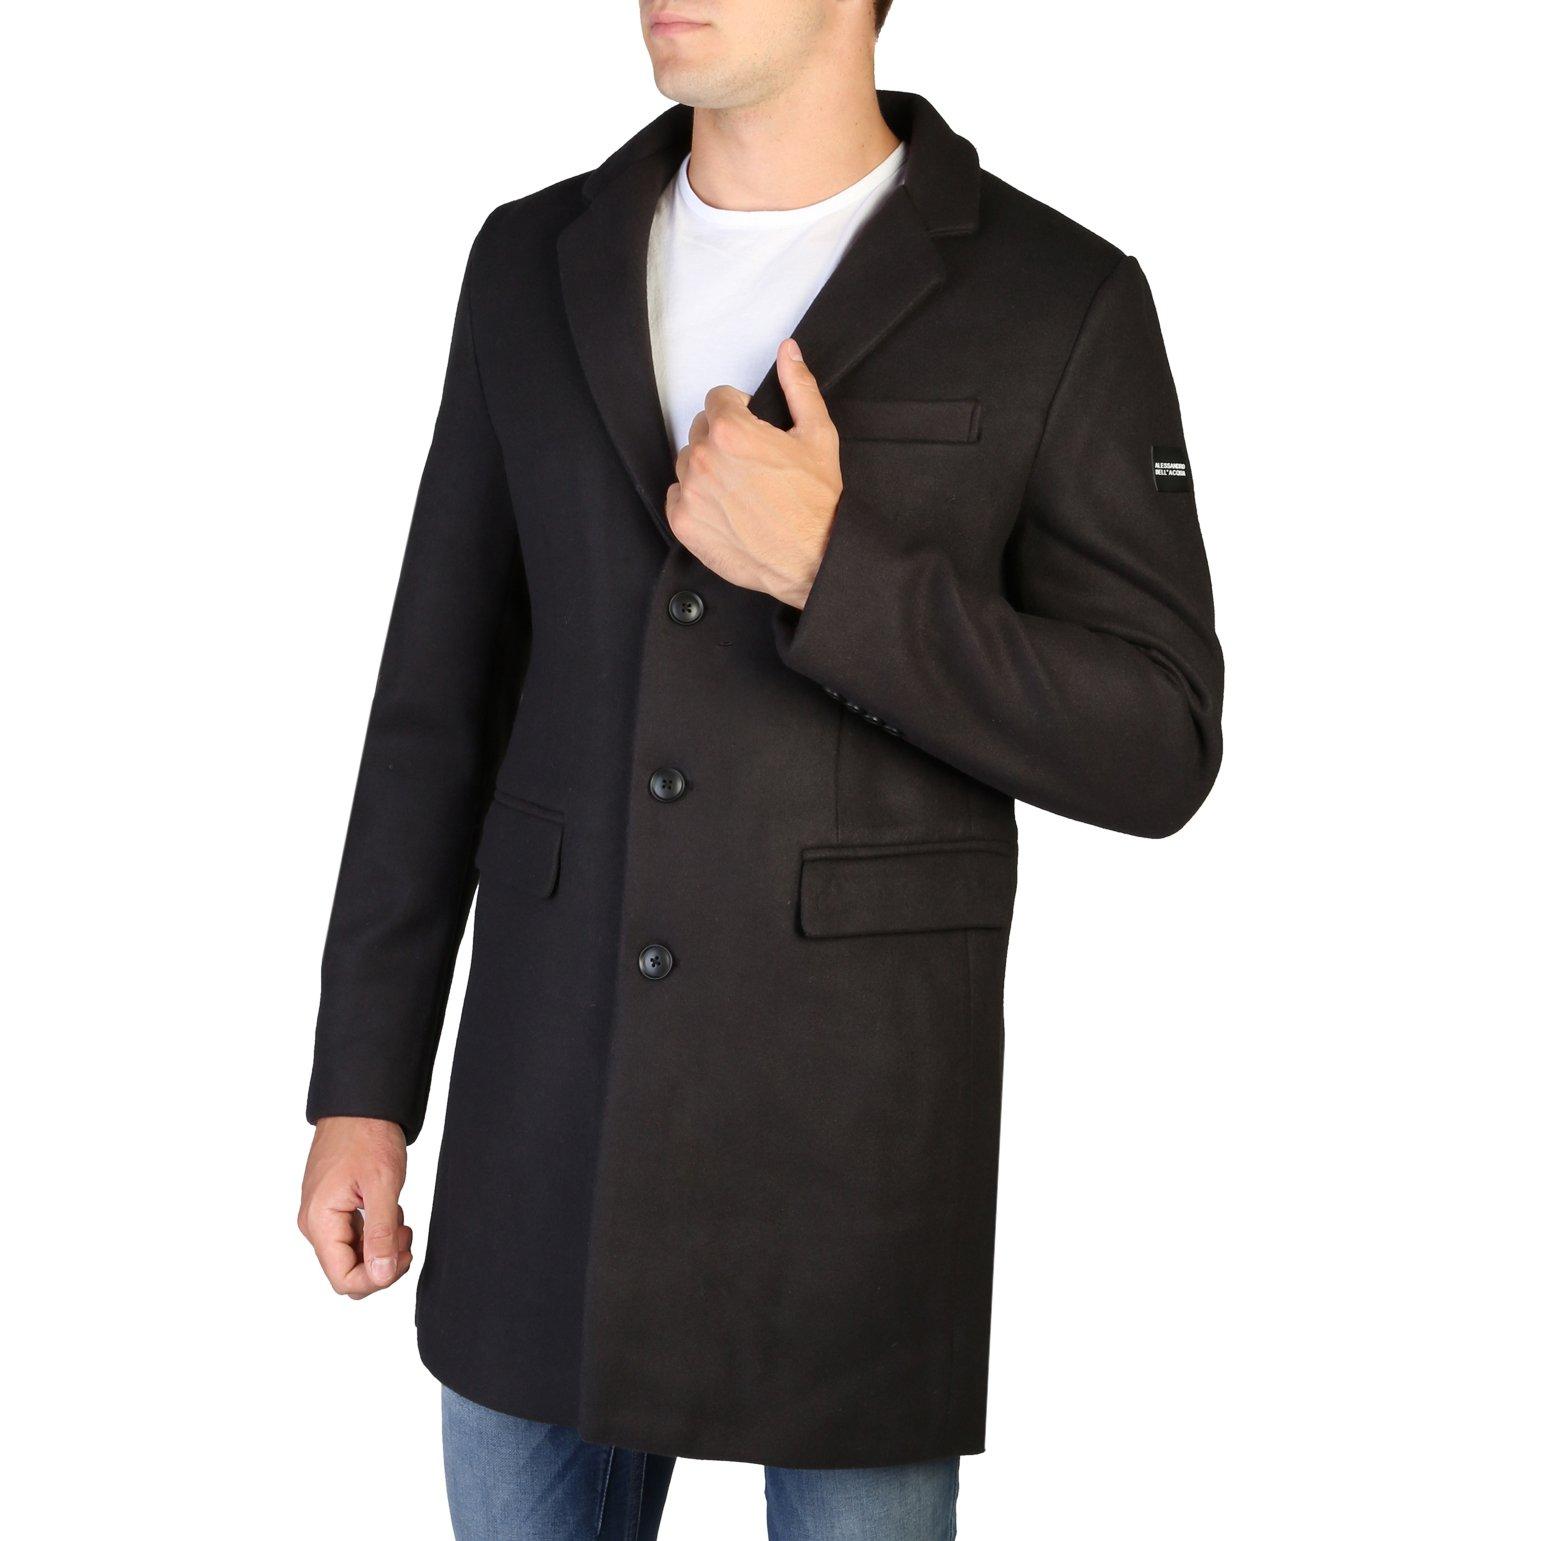 Alessandro Dell'Acqua Men's Coat Various Colours 348399 - grey L